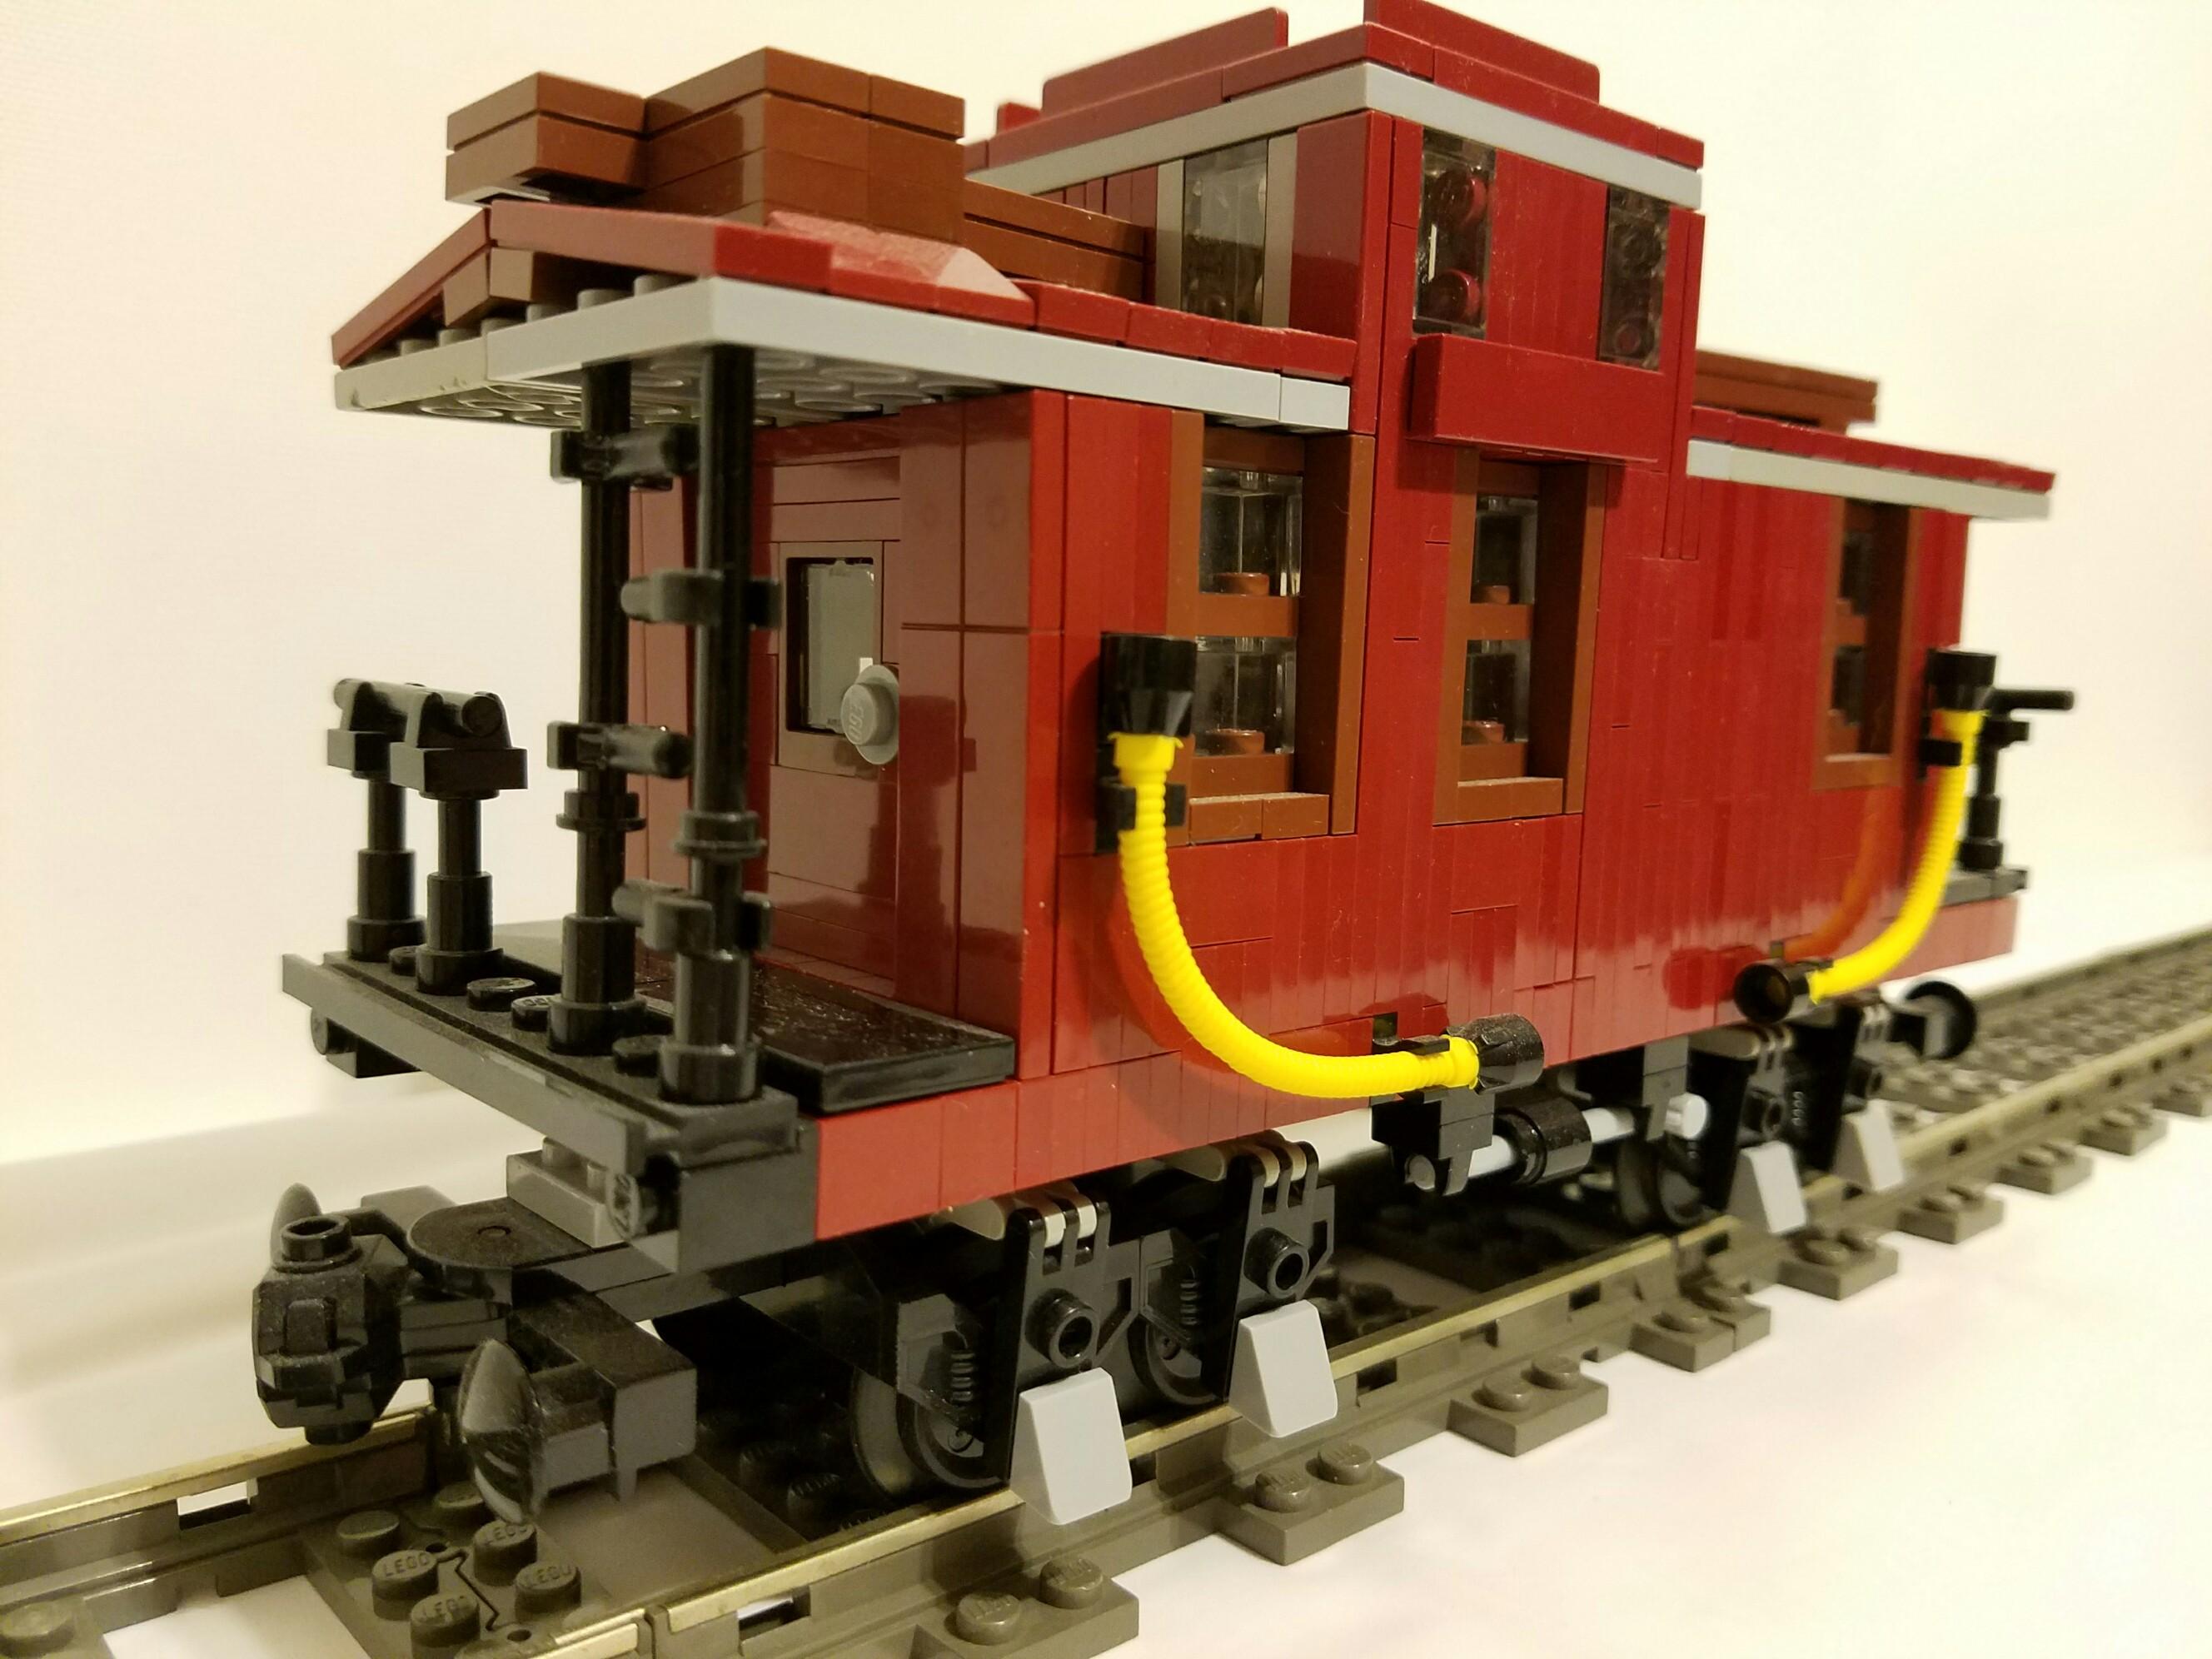 caboose_2-2656x1992.jpg